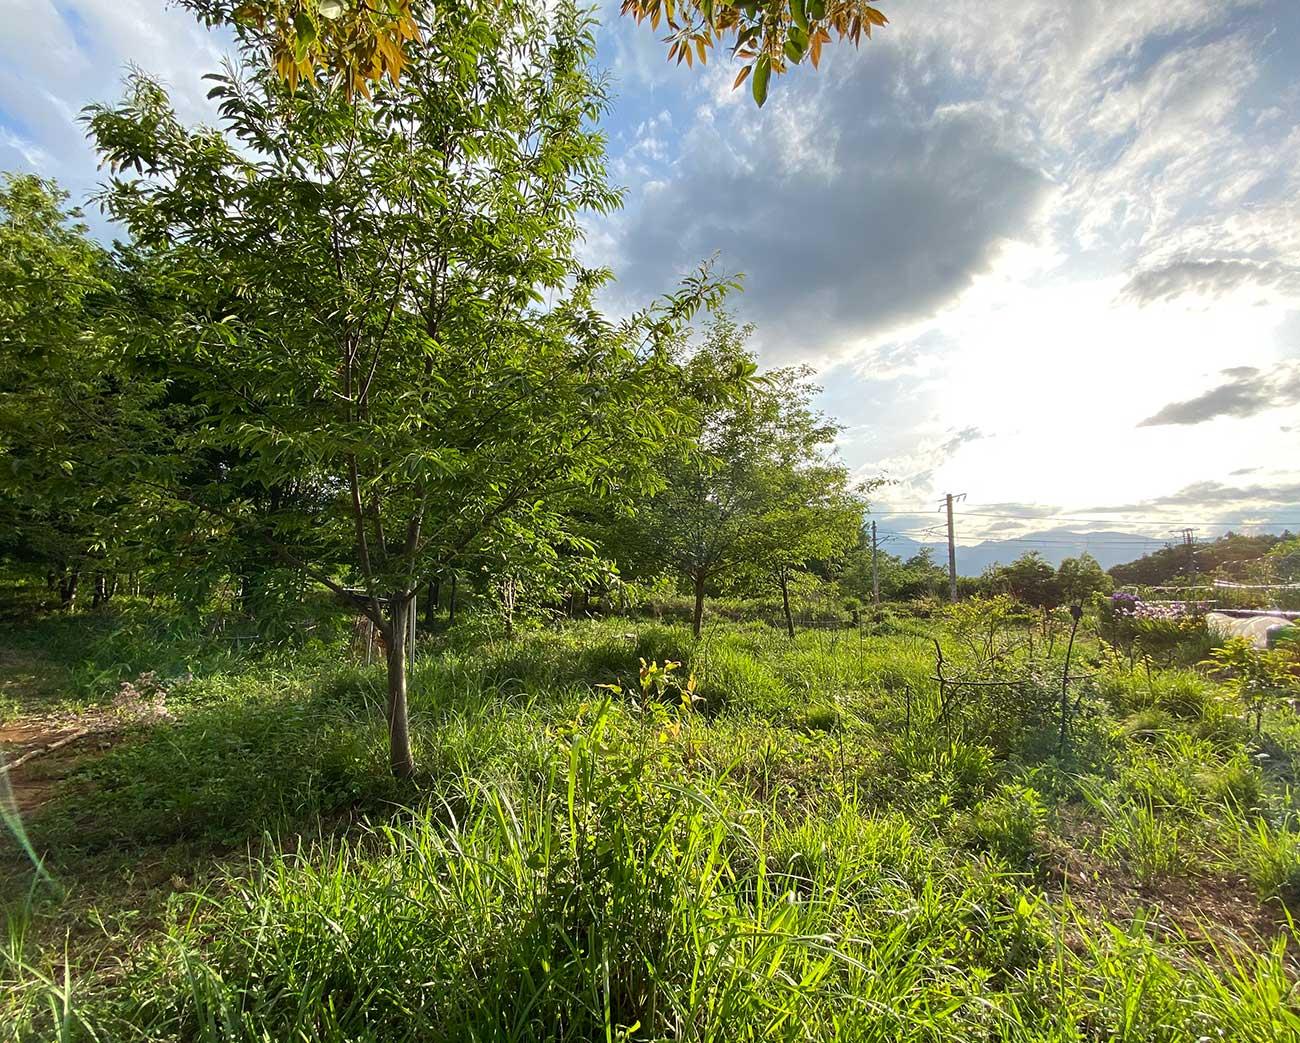 森と果樹と野菜と多くの生き物、そして人間が共生するFood Forest